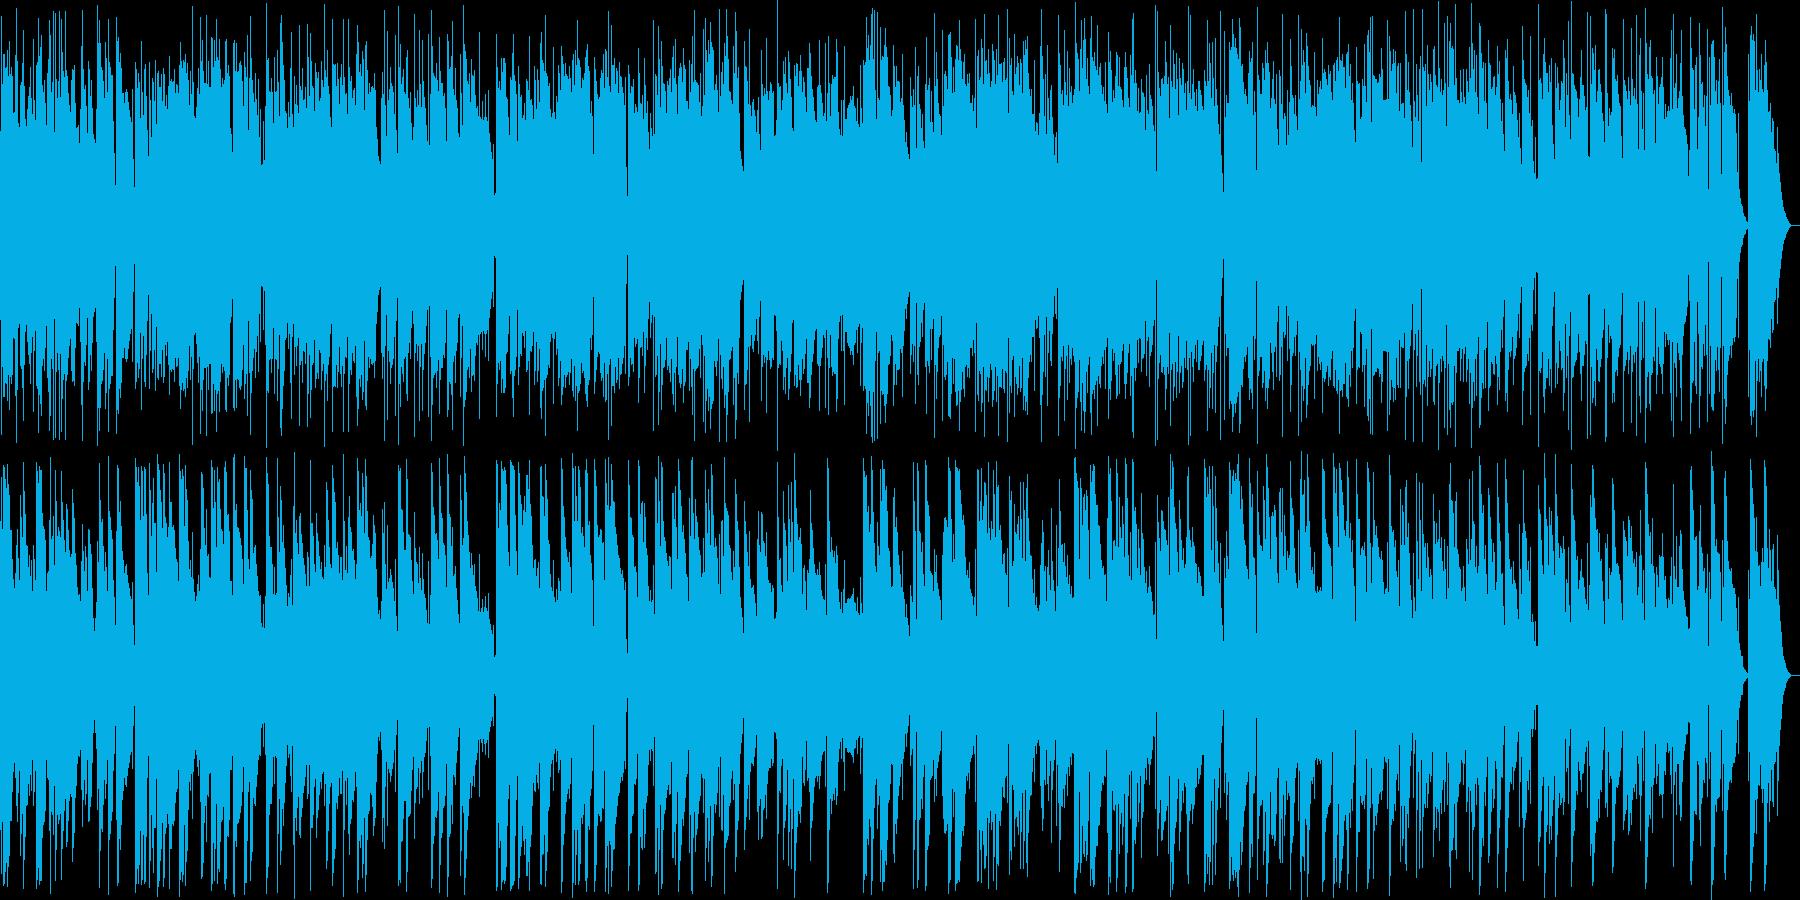 優しい気持ちになれるようなBGMの再生済みの波形